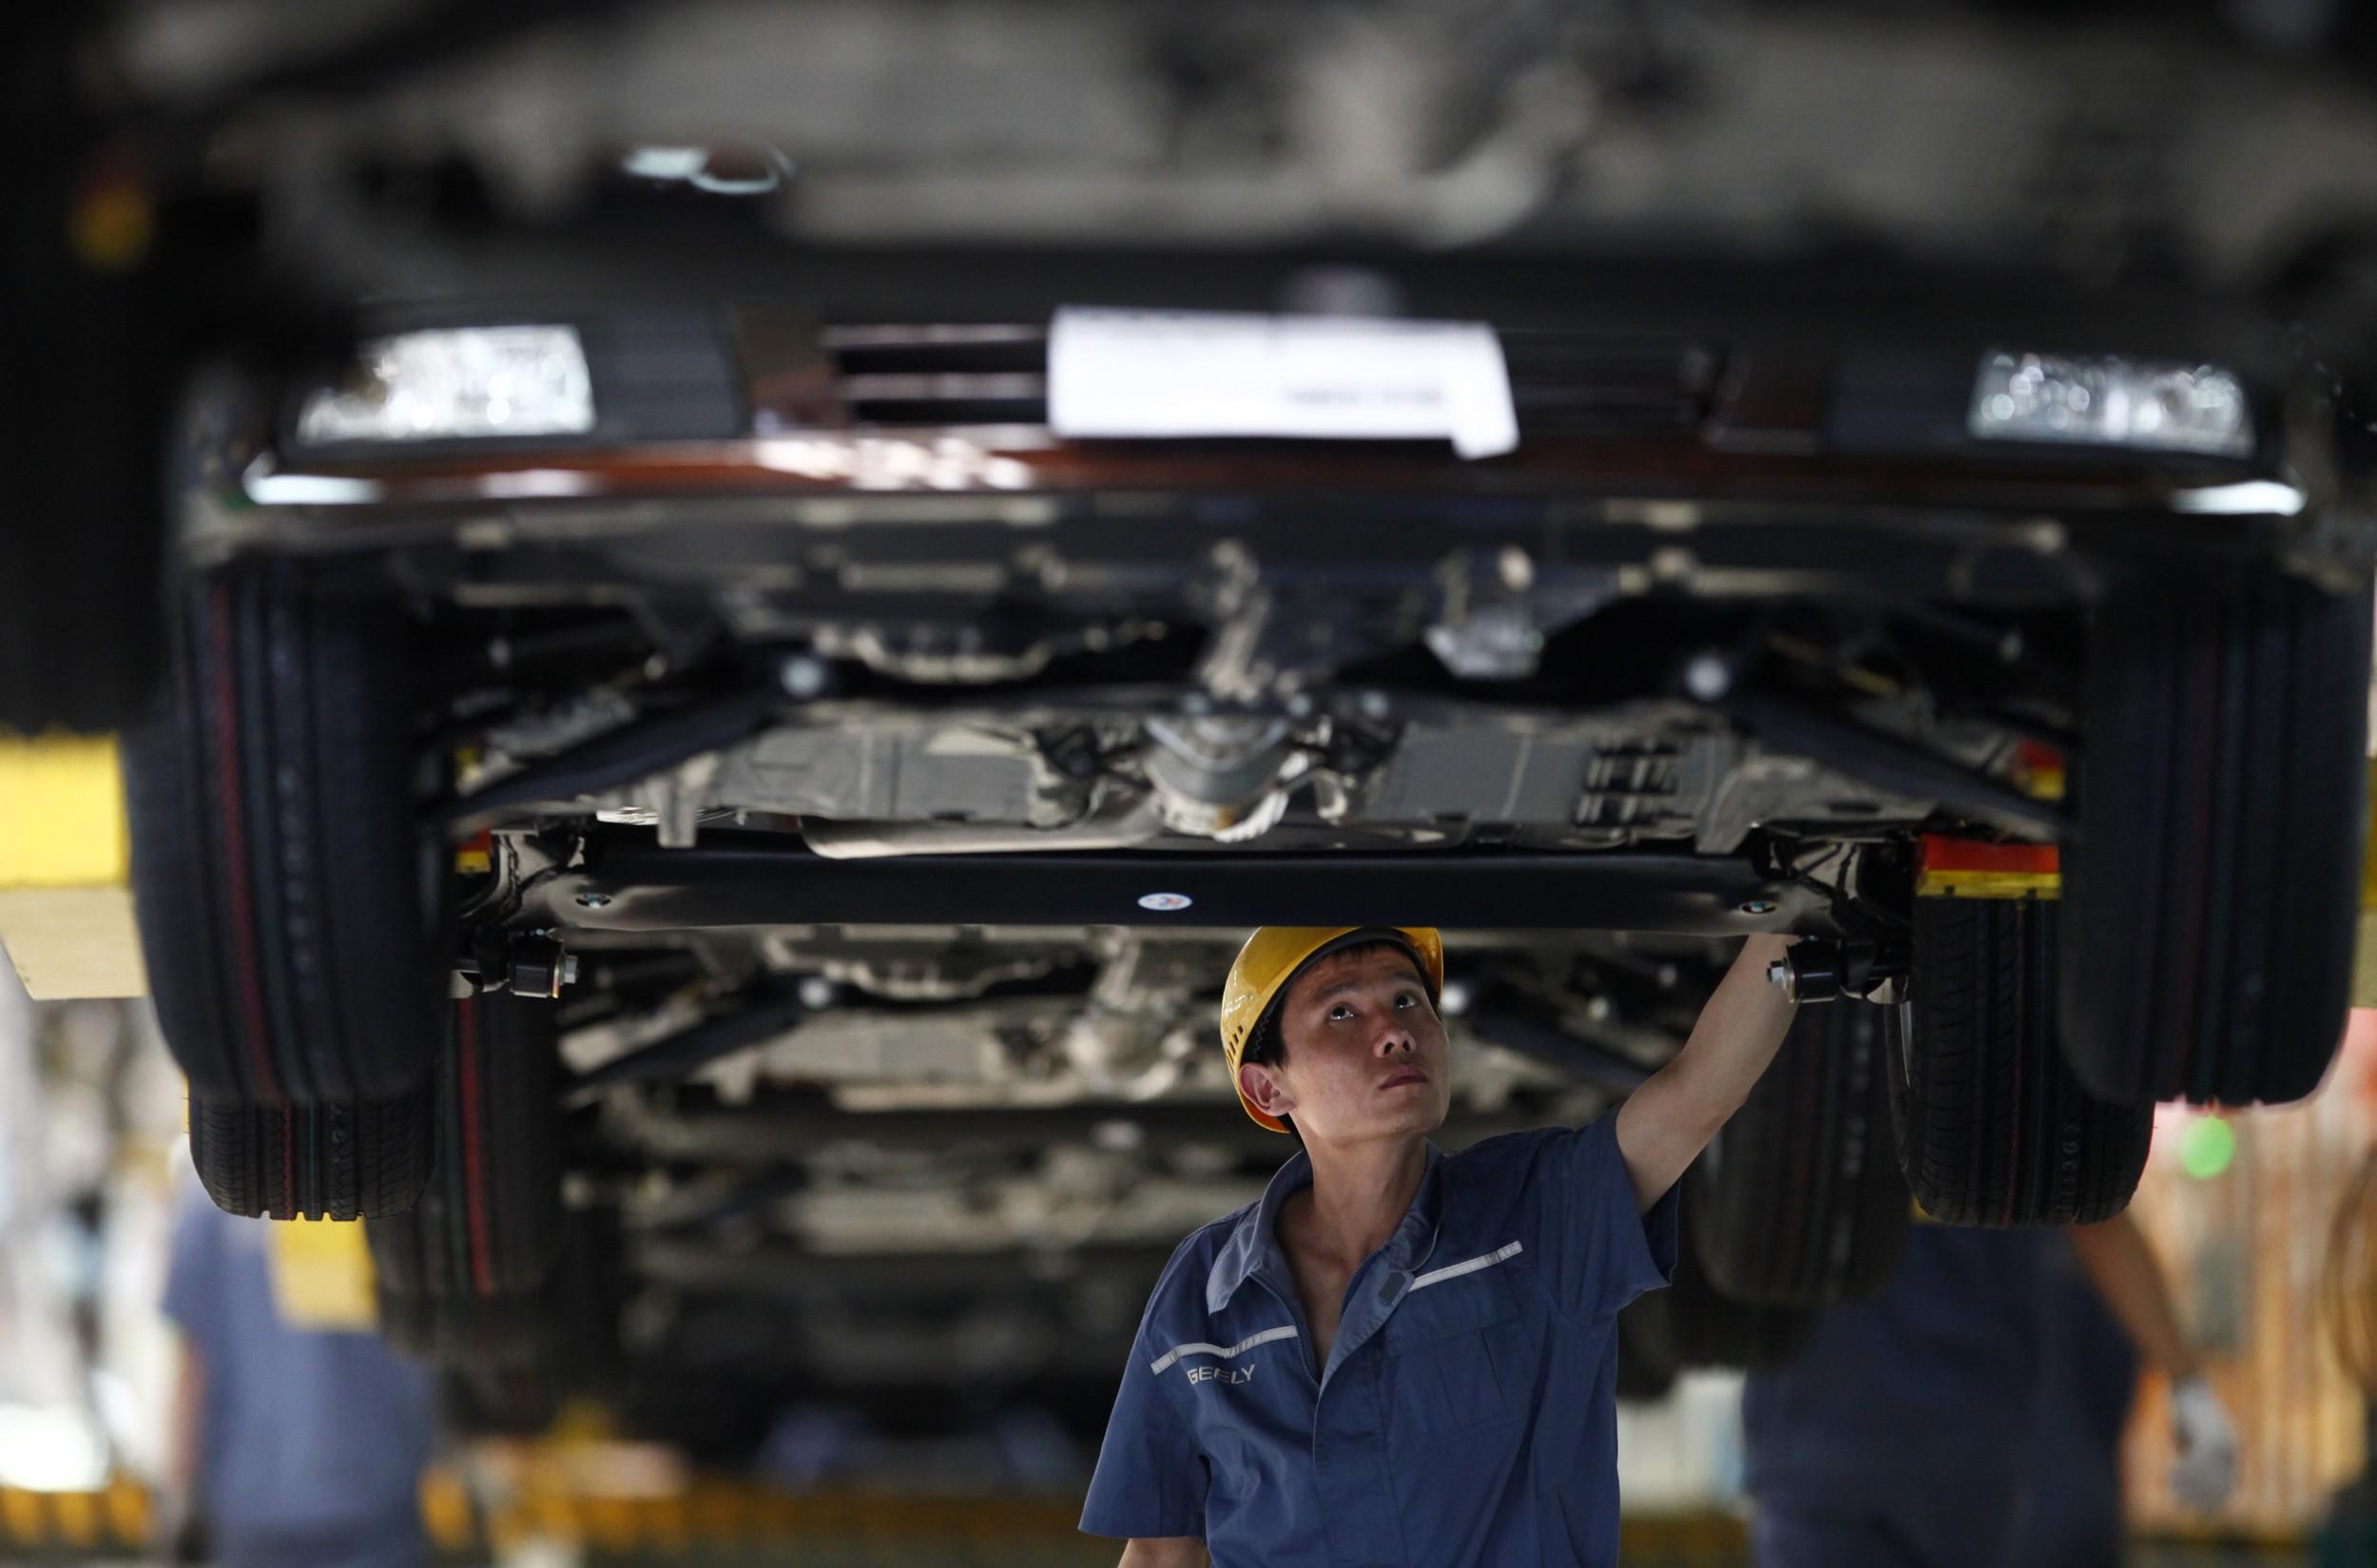 2012年6月21日,一名员工在浙江吉利汽车公司装配线上工作。(路透社)